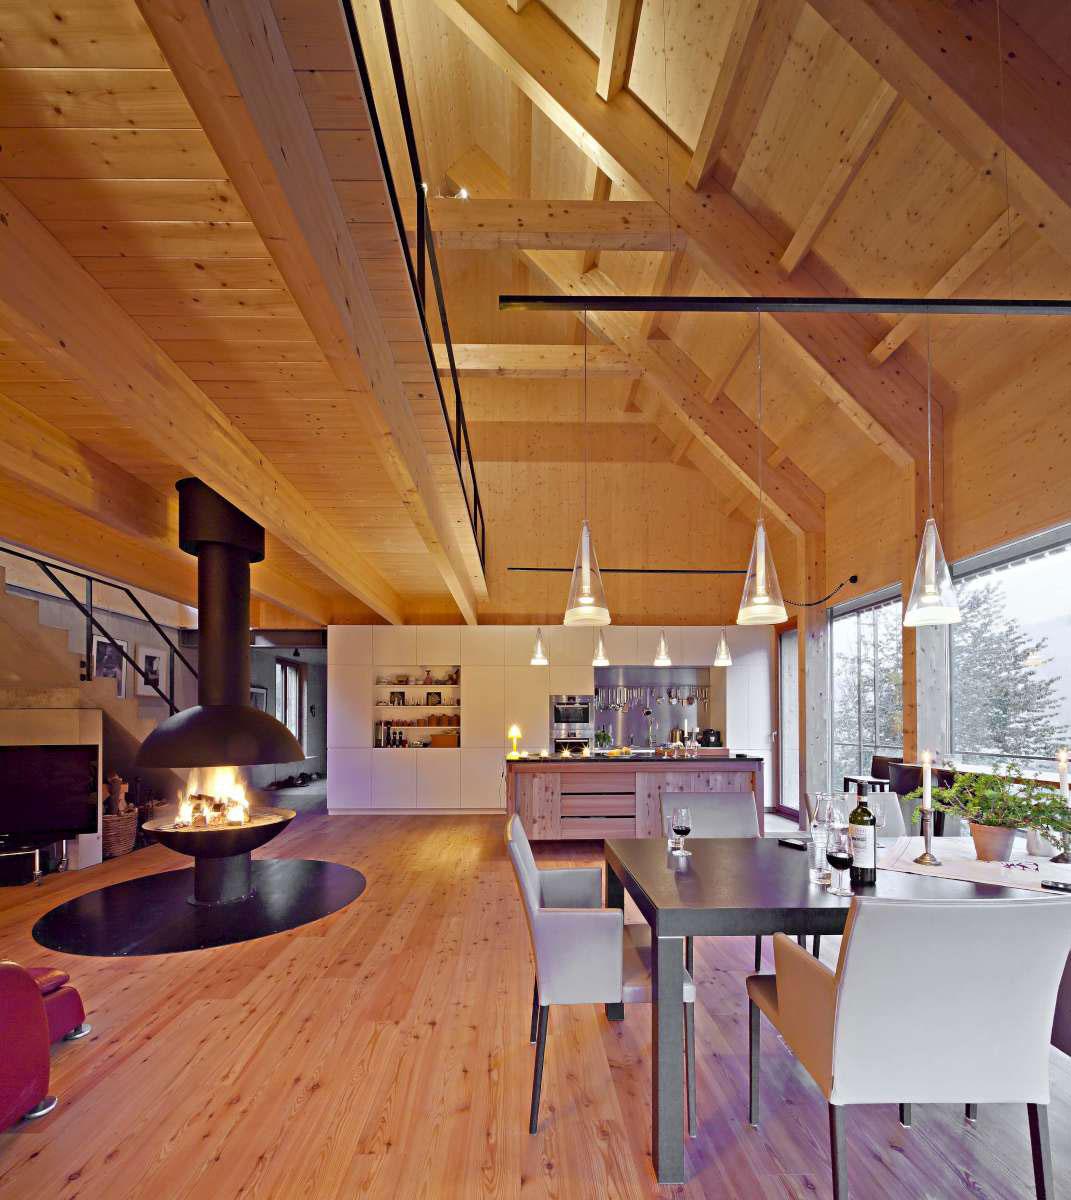 Celkové řešení interiéru je designově úzce spojeno s provedením fasády z modřínového dřeva